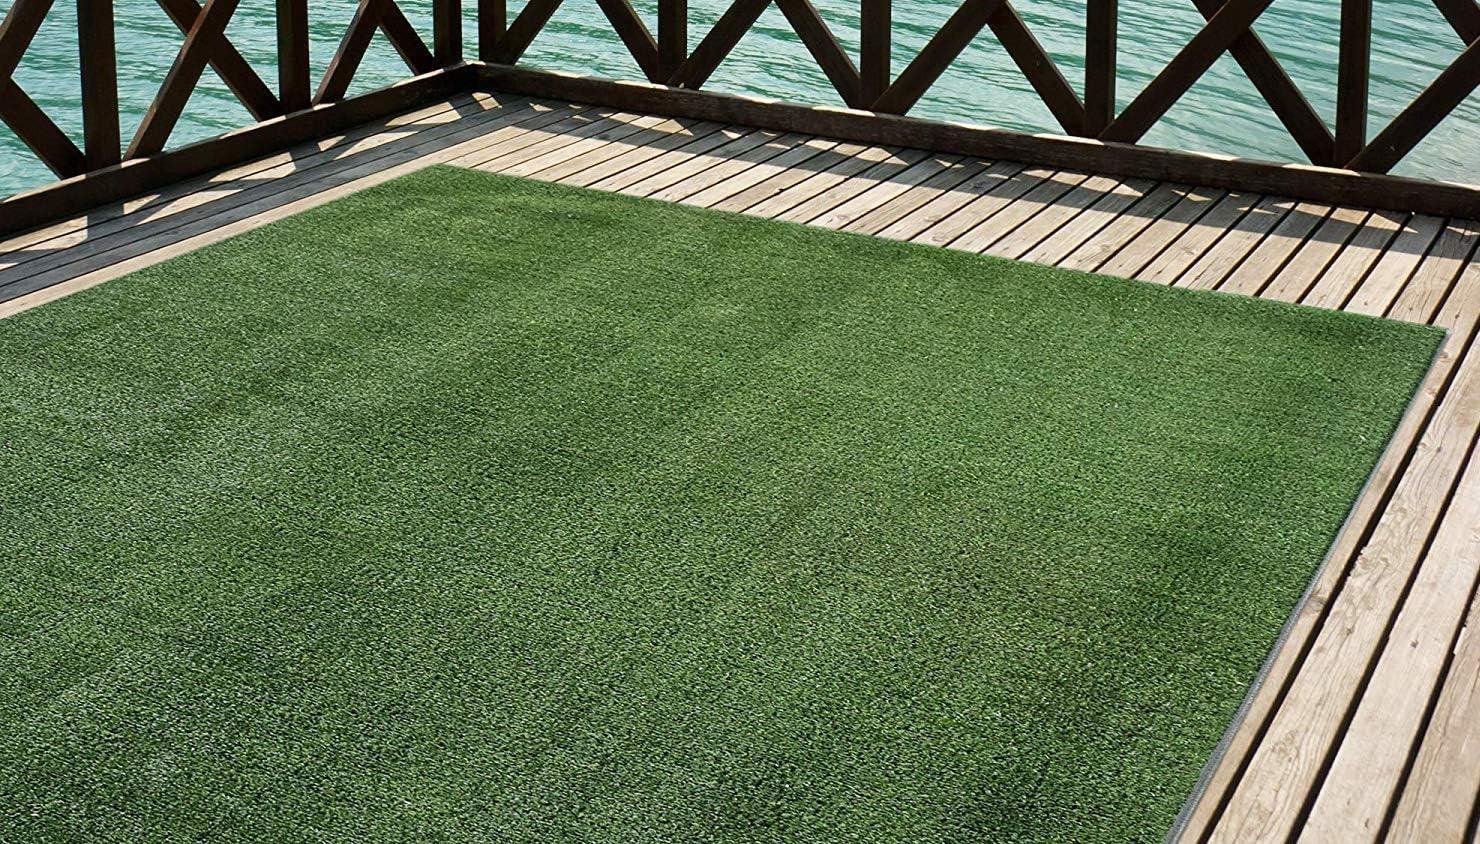 Mirtux - Cesped artificial Premium. Altura de 7mm. Rollos de 1x5 metros Para terraza, jardín, valla, piscina, perro etc (1x5)